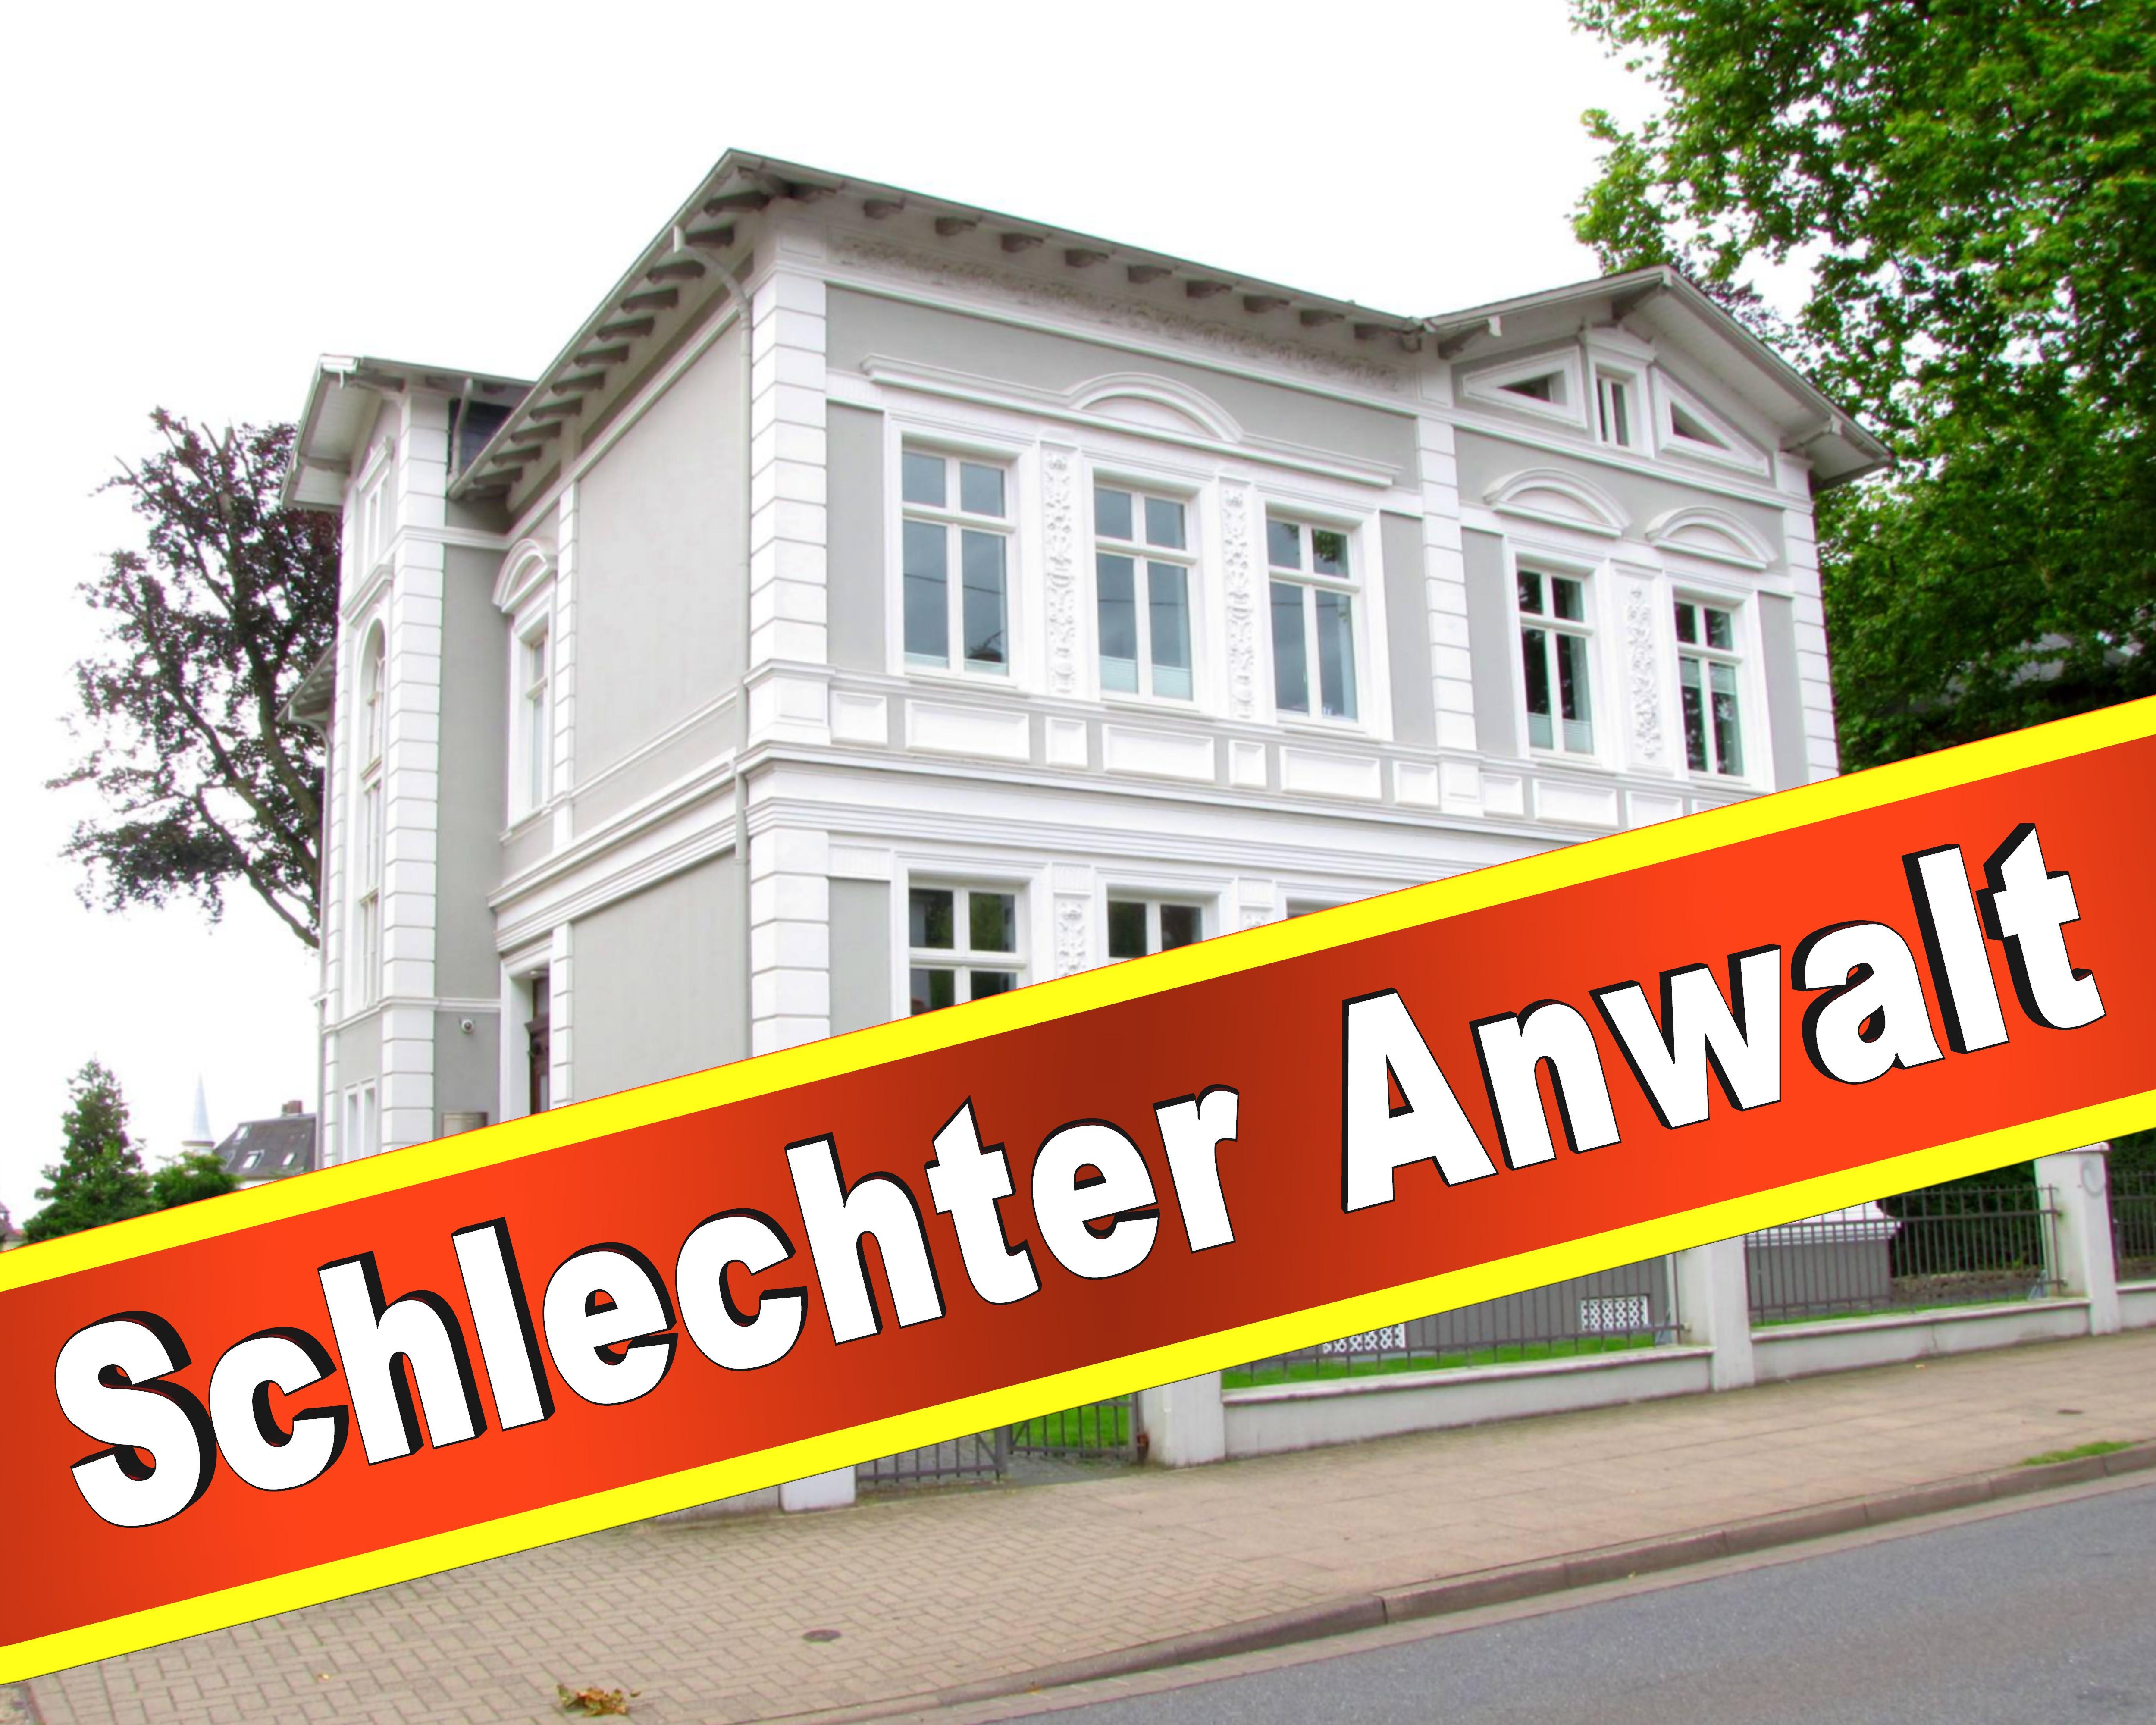 Rechtsanwalt Torsten Giesecke, Fachanwalt Für Strafrecht, Detmolder Str 13, Bielefeld, Mitte, Strafverteidiger (2)